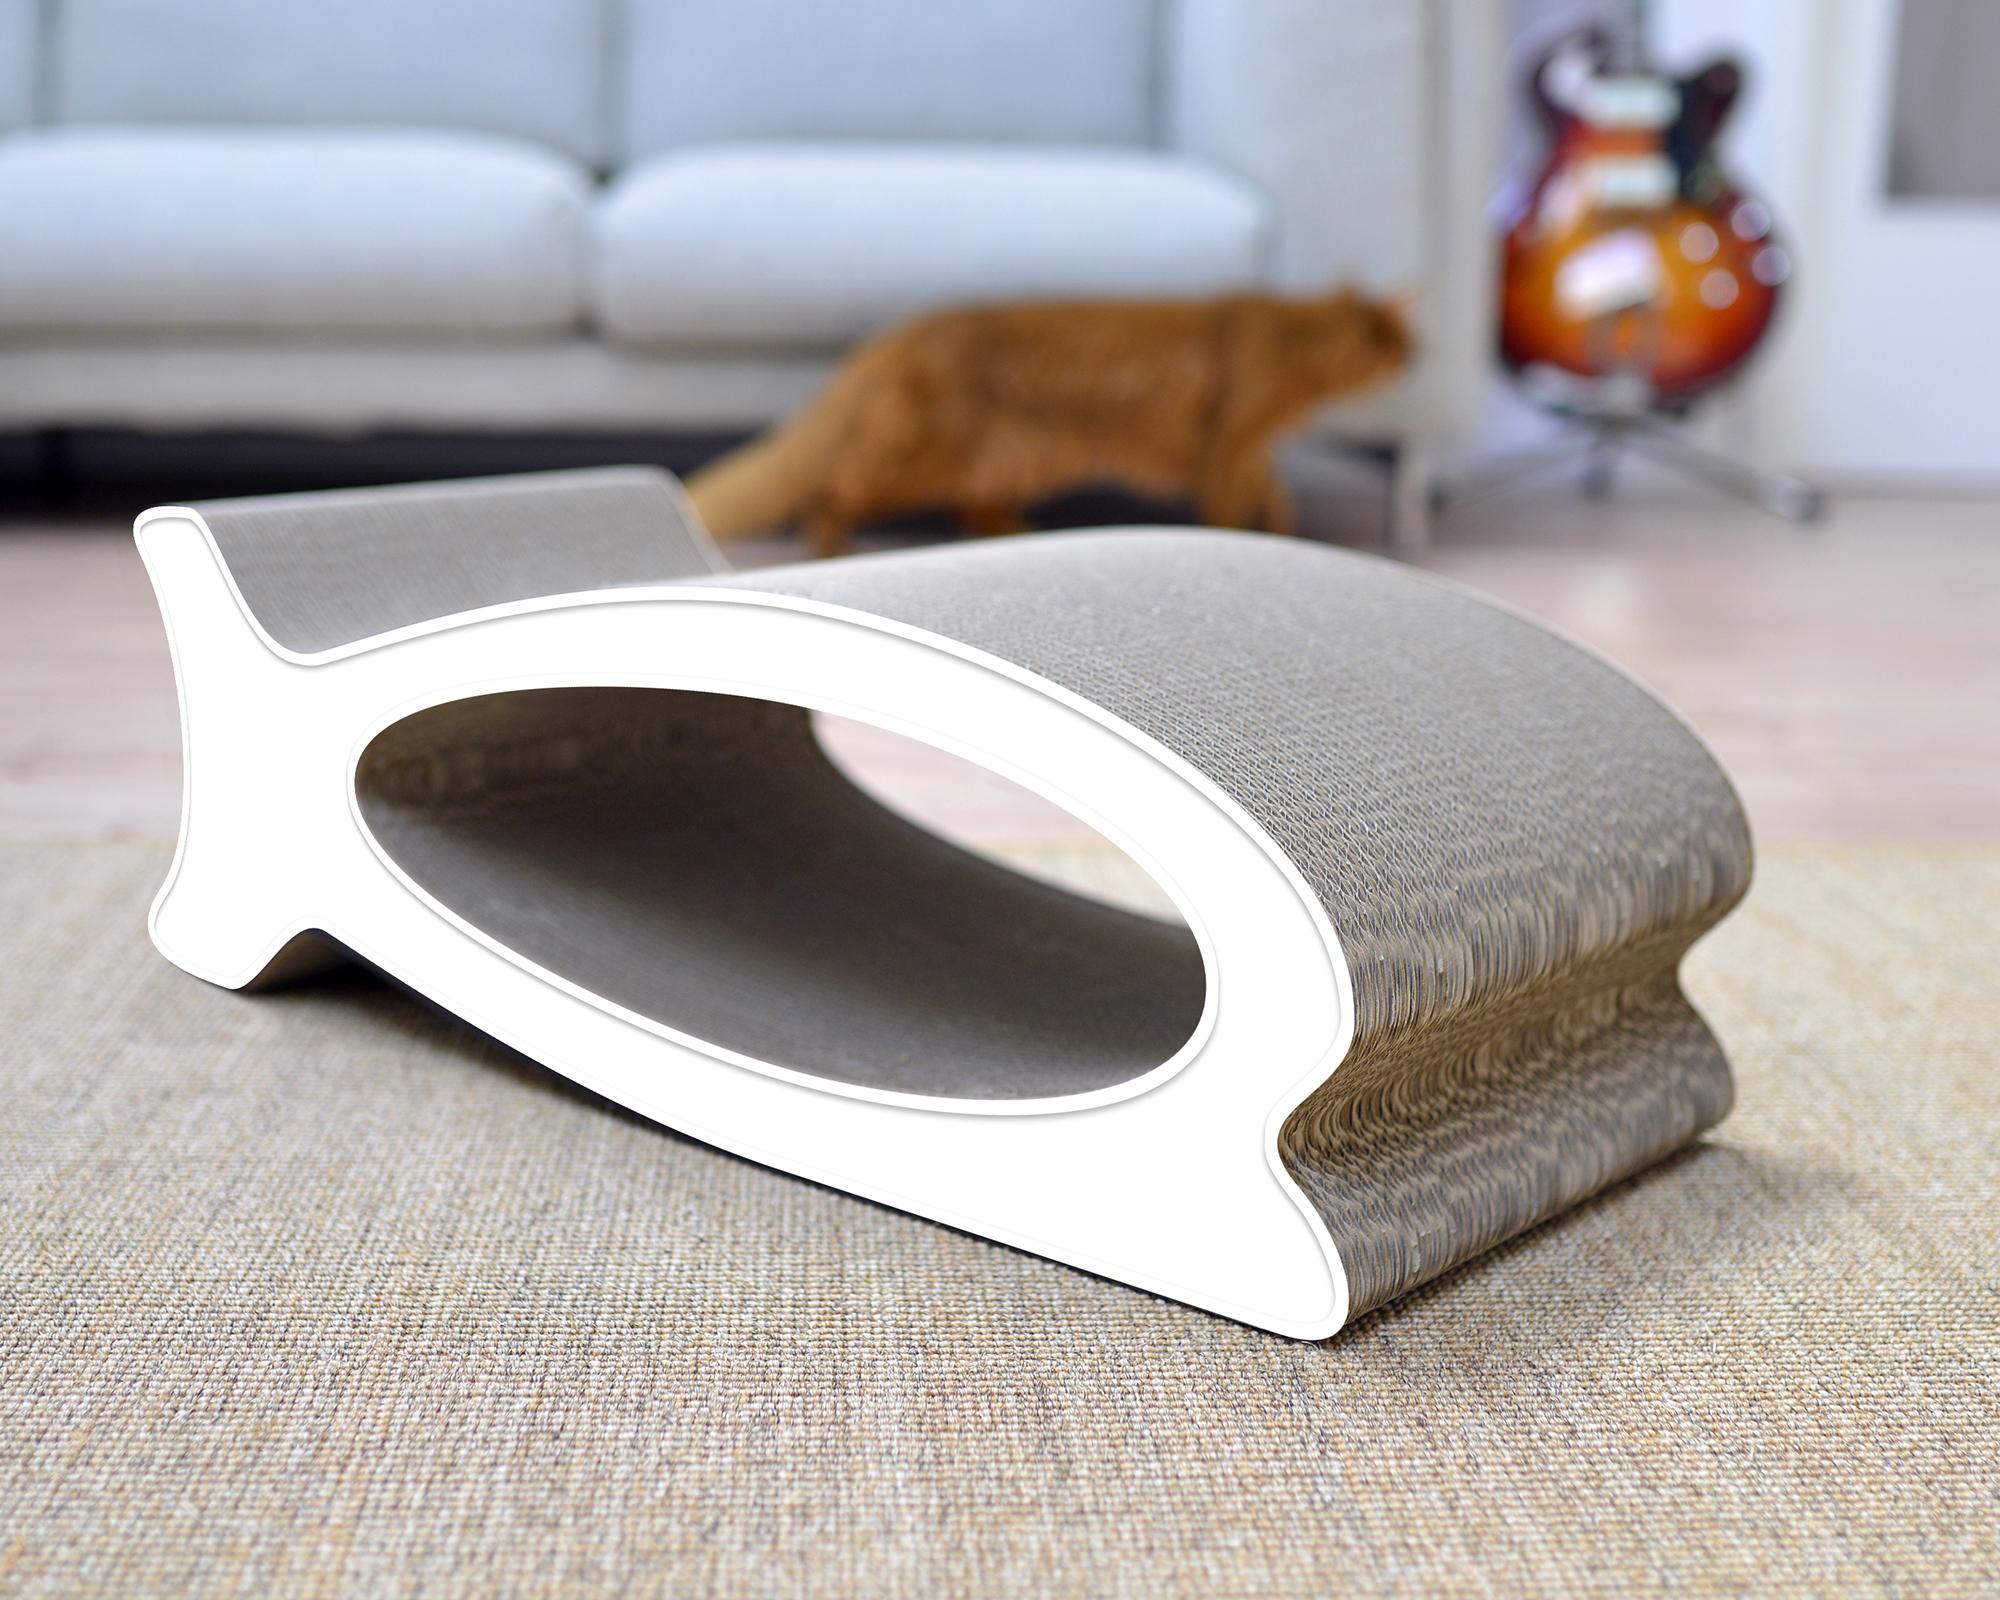 Le Fish cardboard cat scratcher